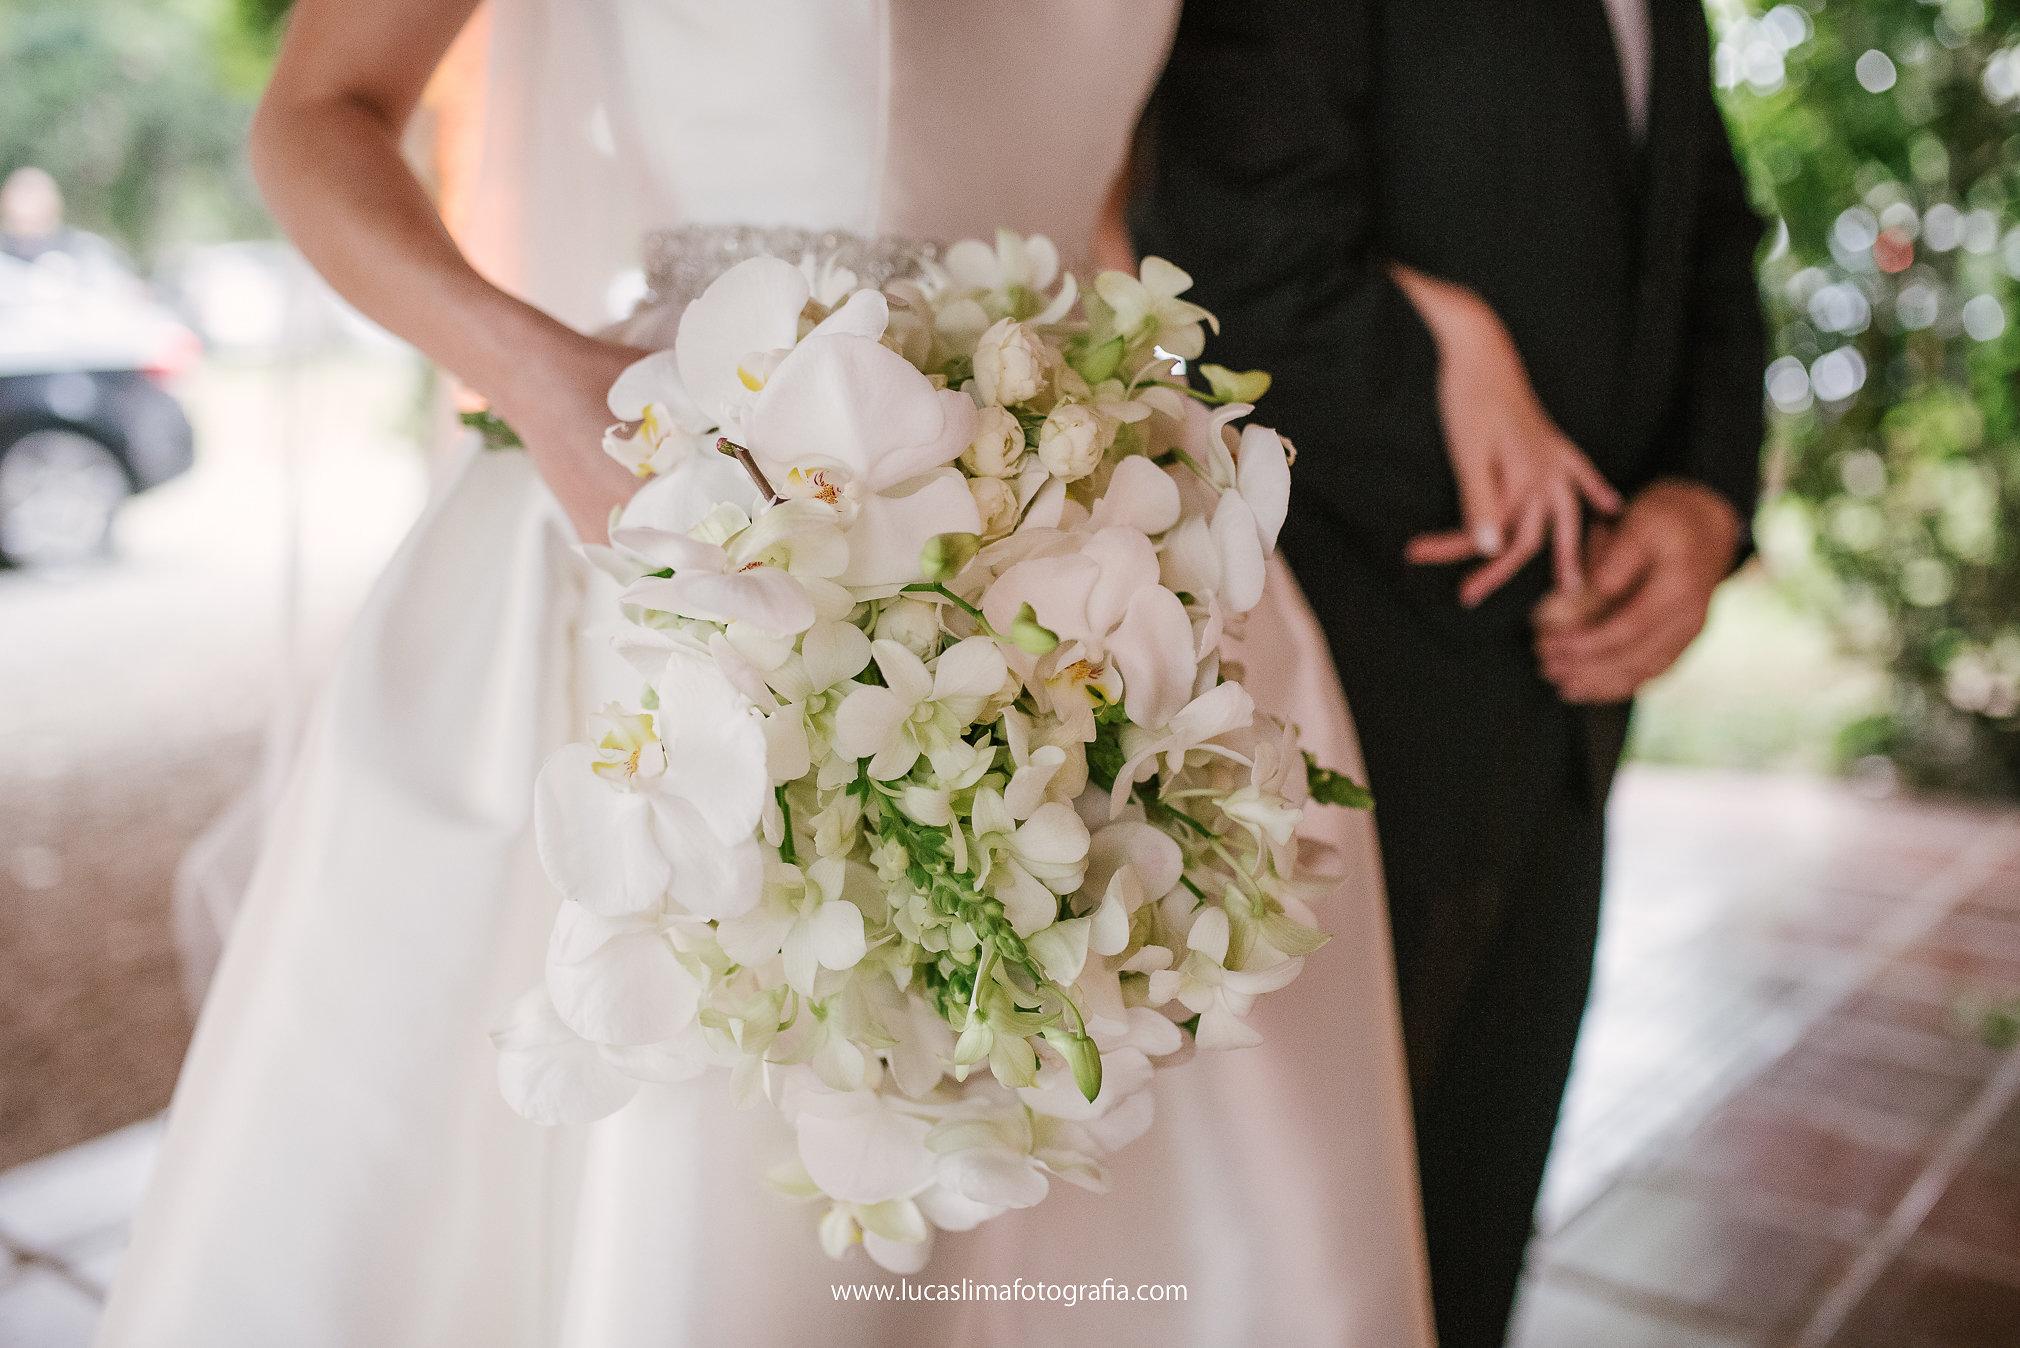 casamento-flavia-e-thomas-lucaslimafotografia-80